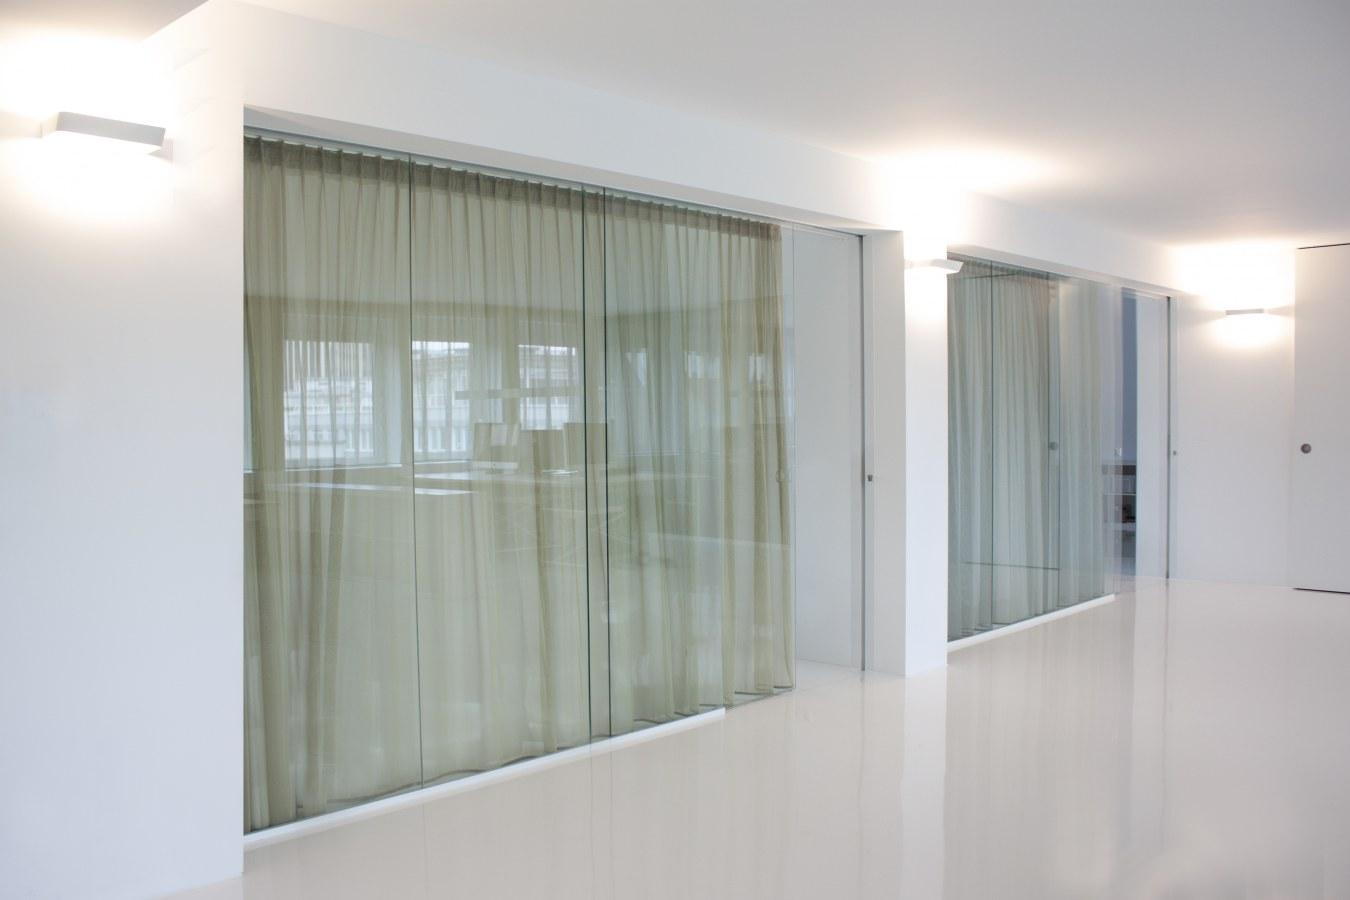 Isabell-Ehring-Innenarchitektur-Stuttgart---Umbau-Buero-DFROST-7.jpg